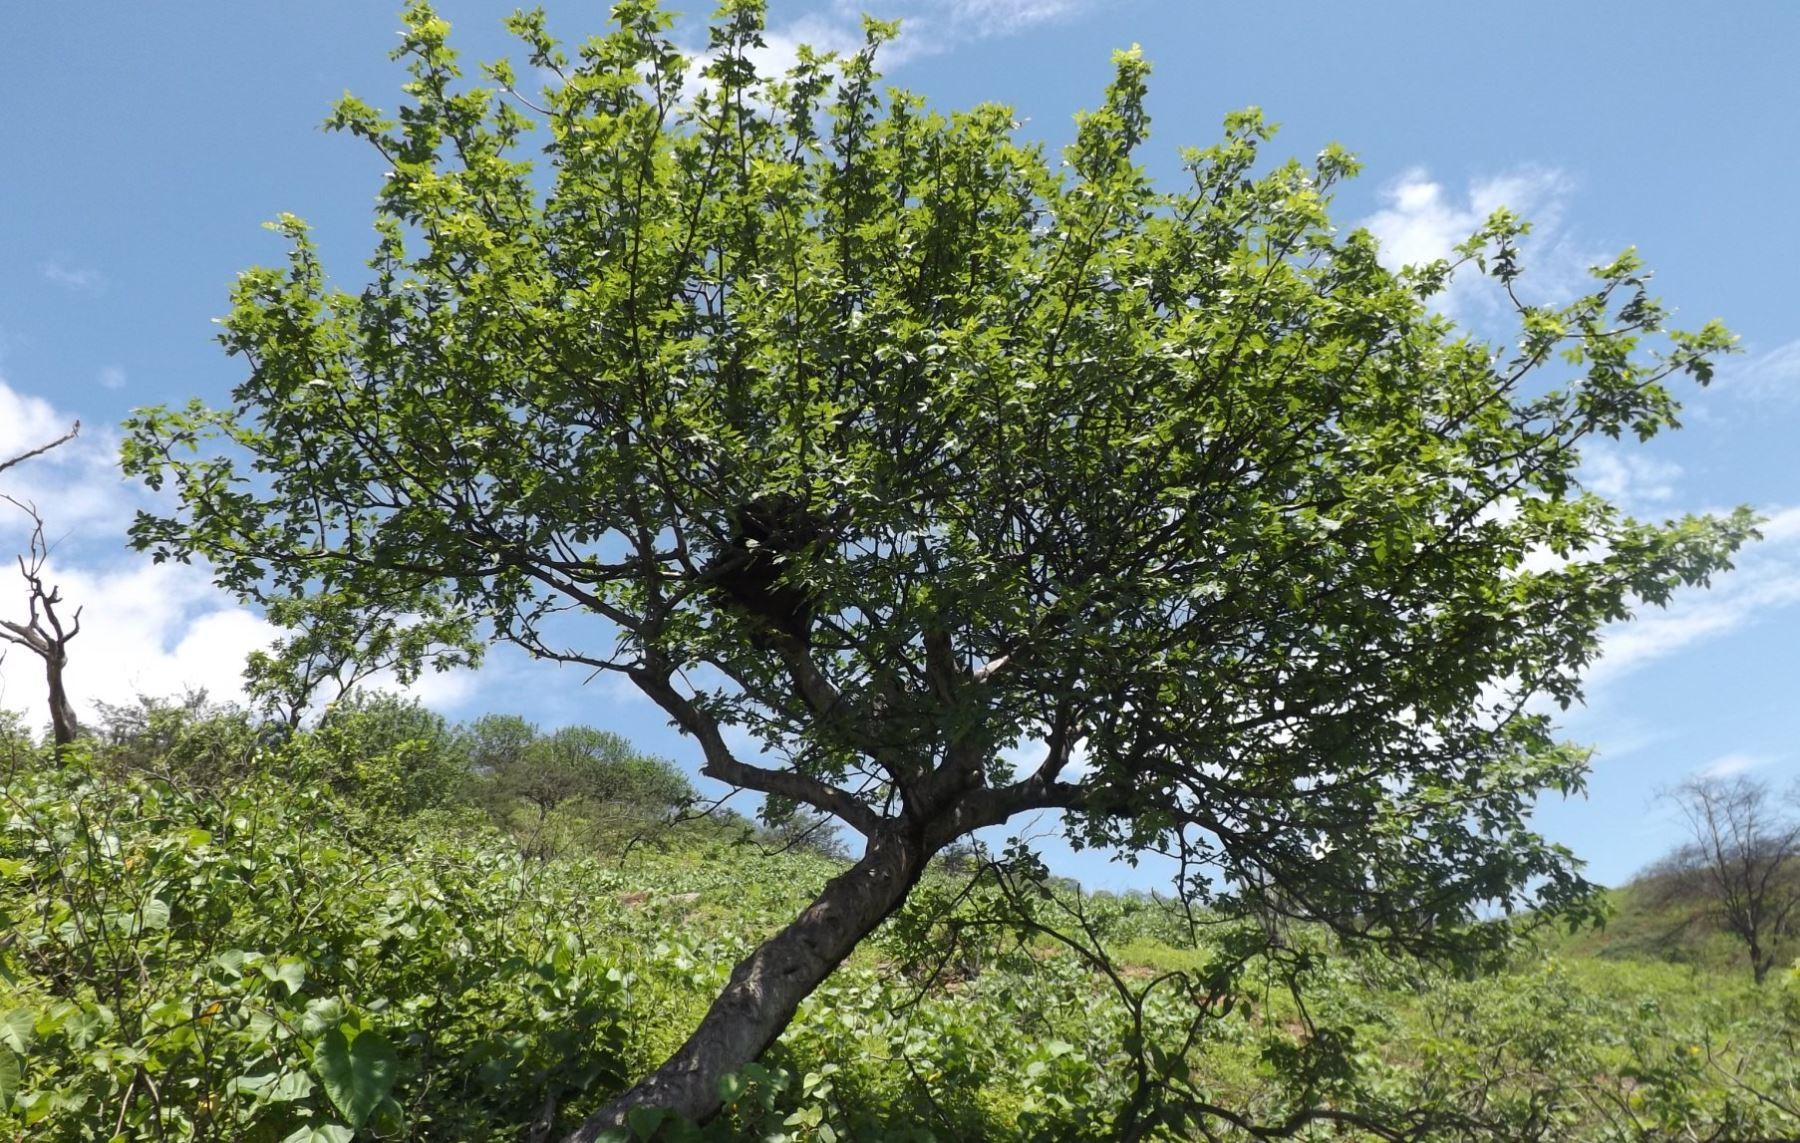 El palo santo, conocido también como madera sagrada, es una especie en peligro crítico de extinción. ANDINA/Difusión